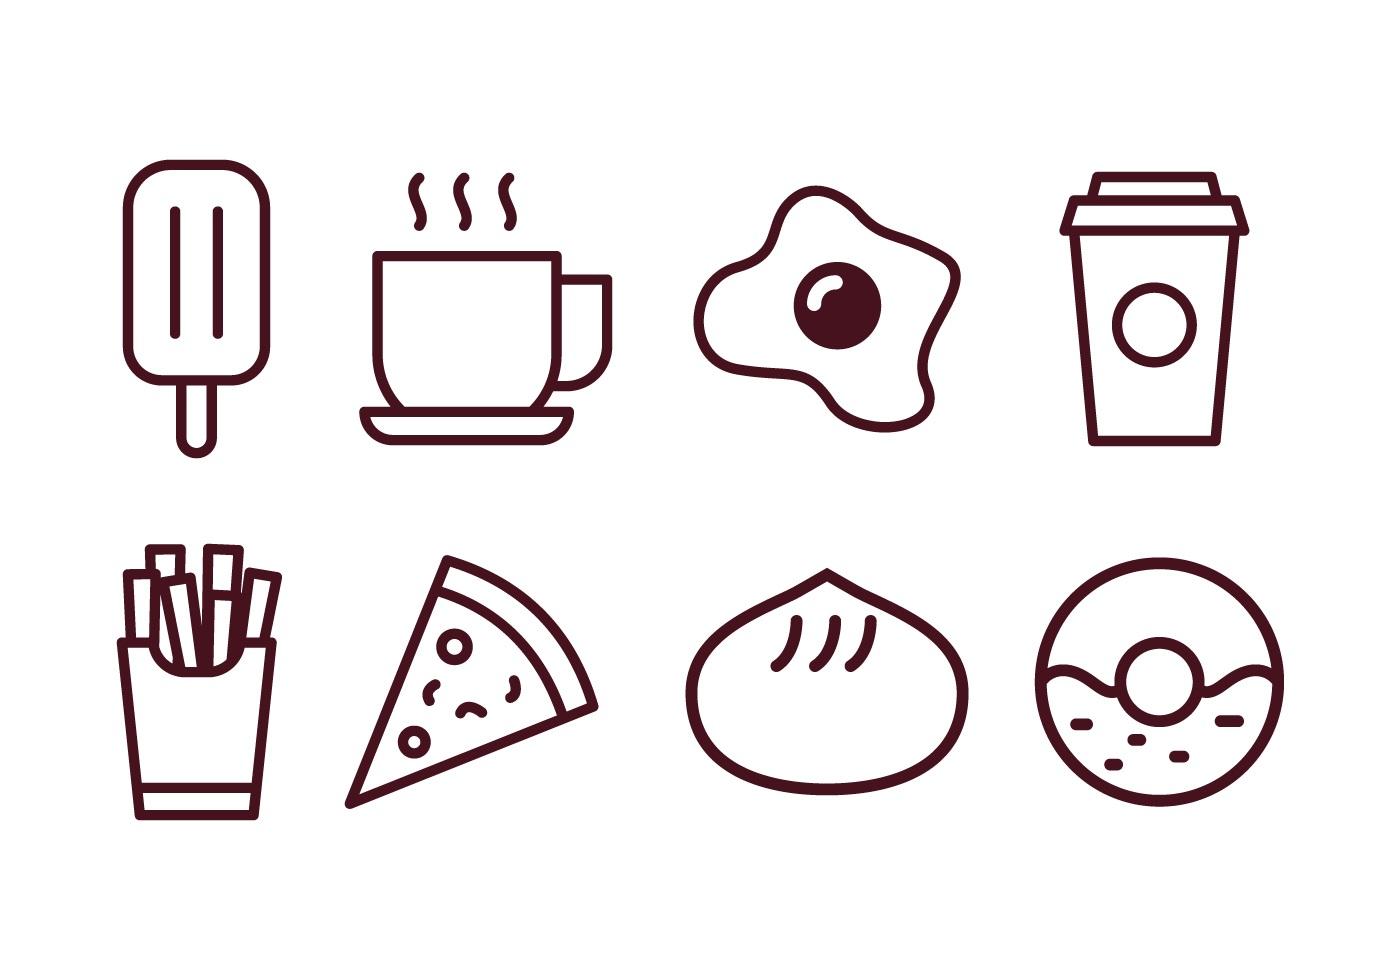 咖啡icon 免費下載 | 天天瘋後製